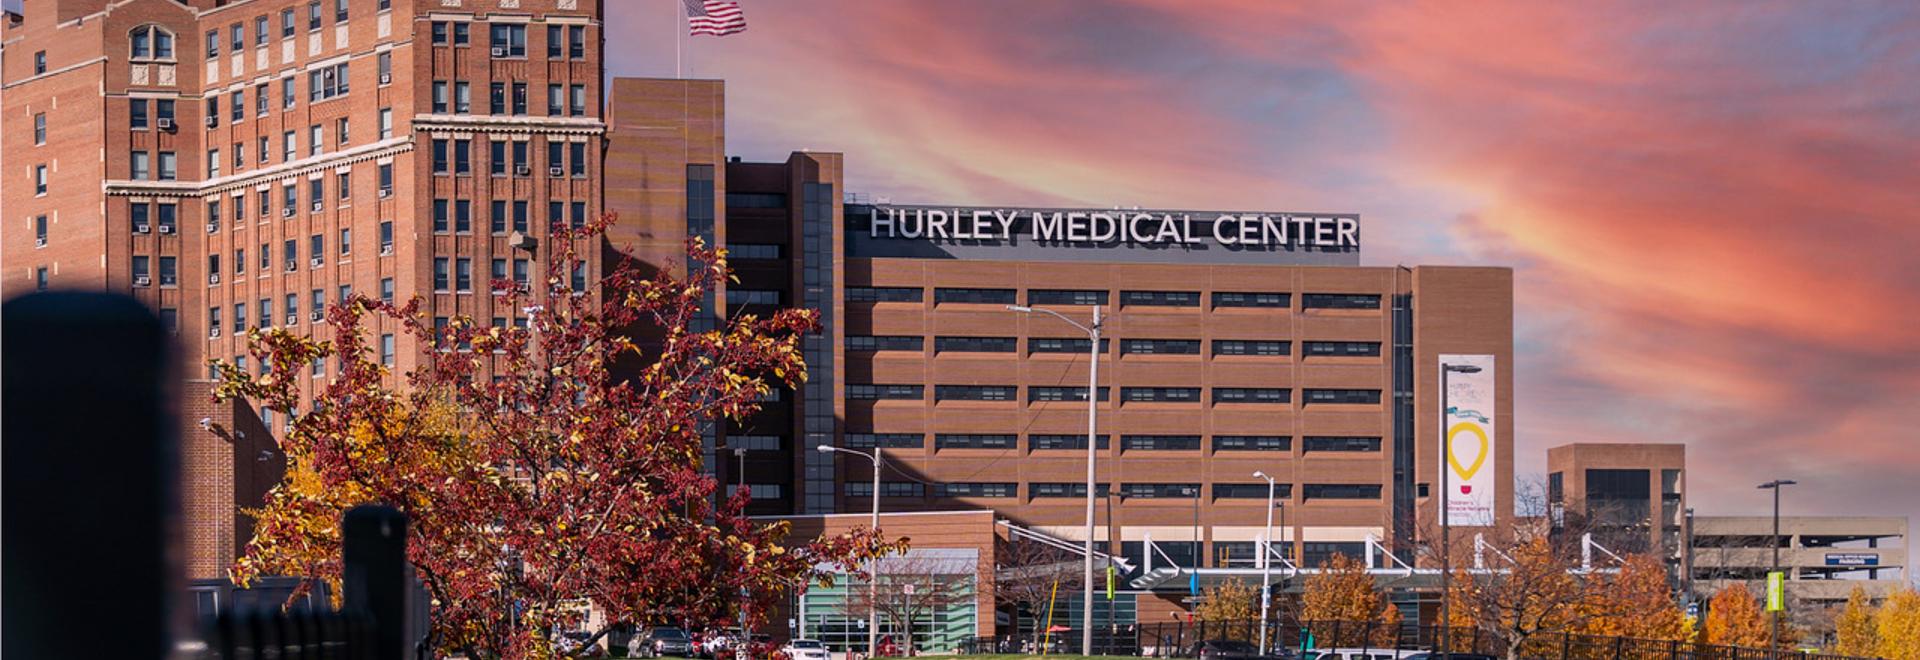 Le centre médical Hurley utilise des technologies intelligentes, l'IA, la robotique, les dossiers médicaux électroniques, la télémédecine...